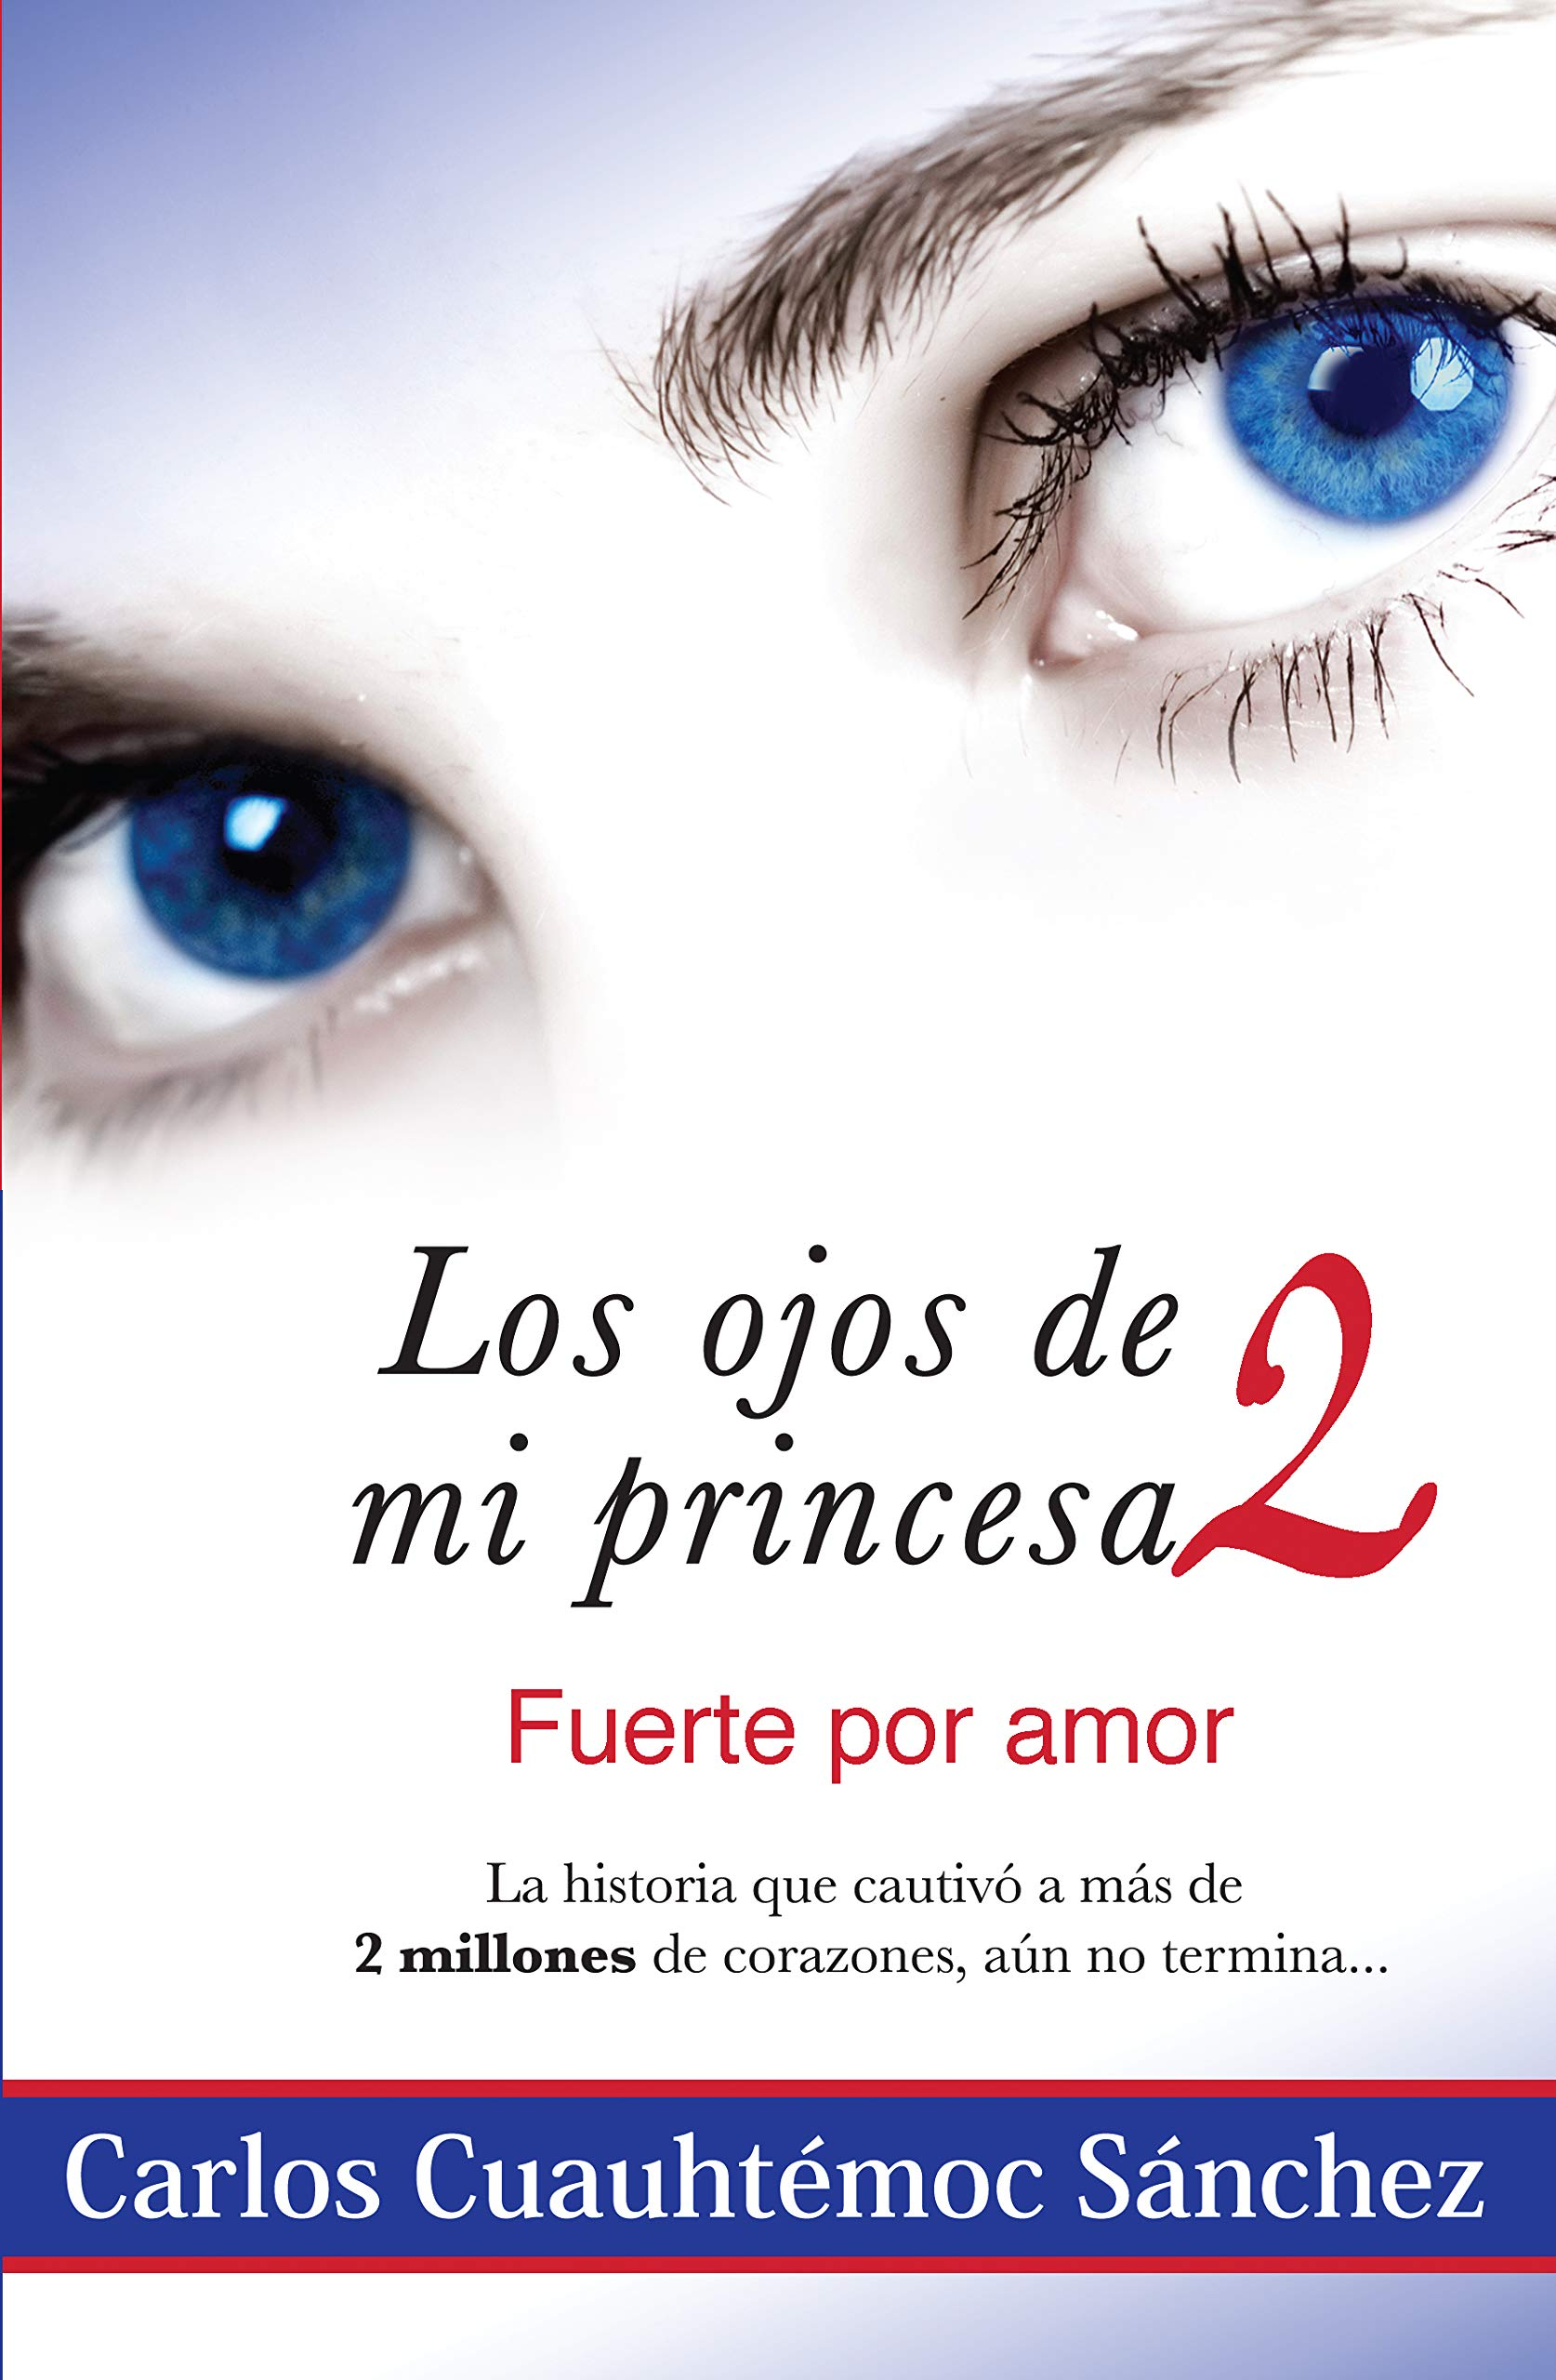 LOS OJOS DE MI PRINCESA 2: Amazon.es: Ing. Carlos Cuauhtémoc Sánchez: Libros